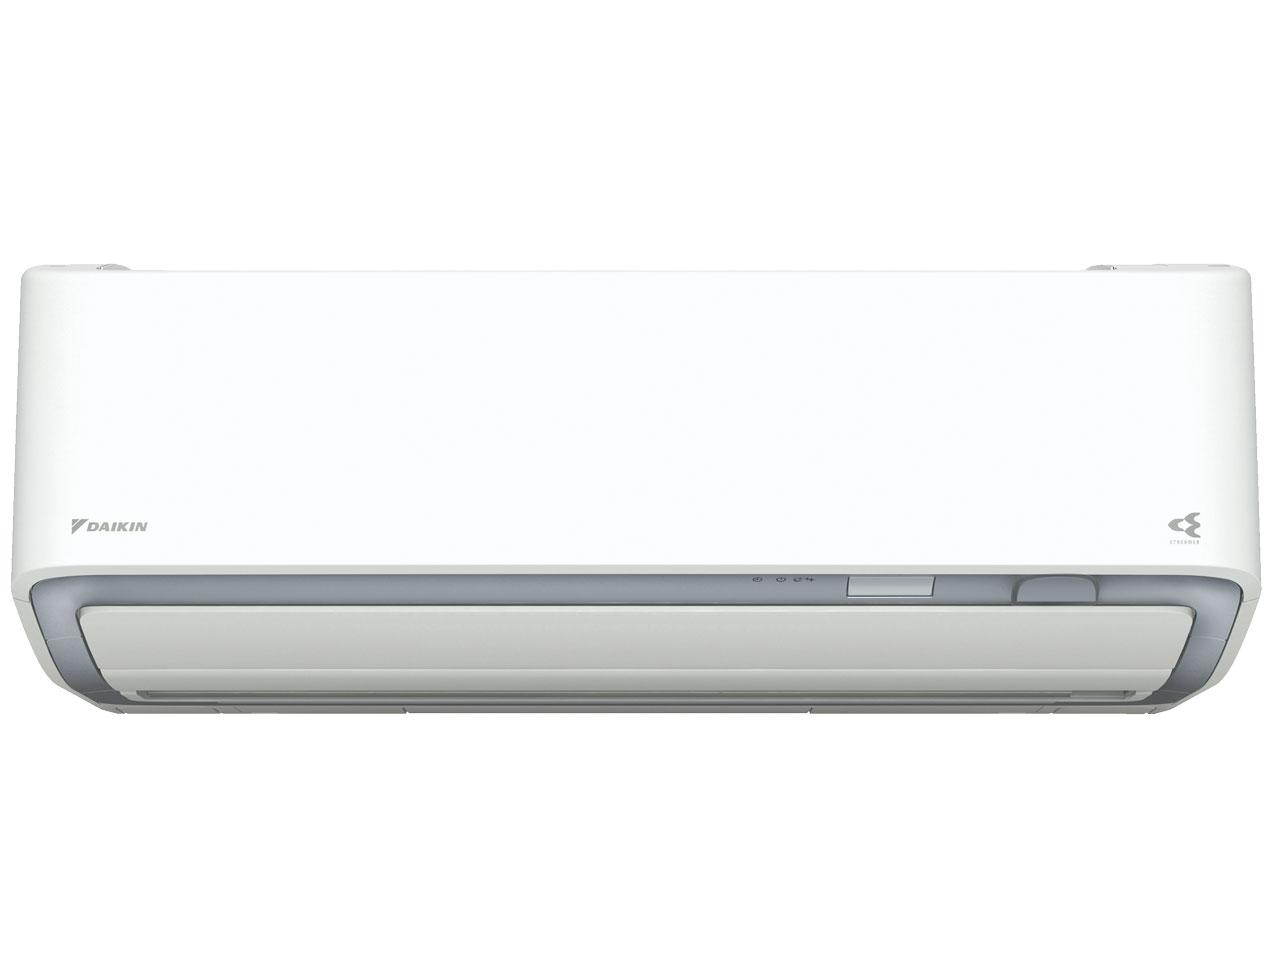 ダイキン 19年モデル うるさら7 RXシリーズ S63WTRXP-W 【200V用】20畳用冷暖房除湿エアコン